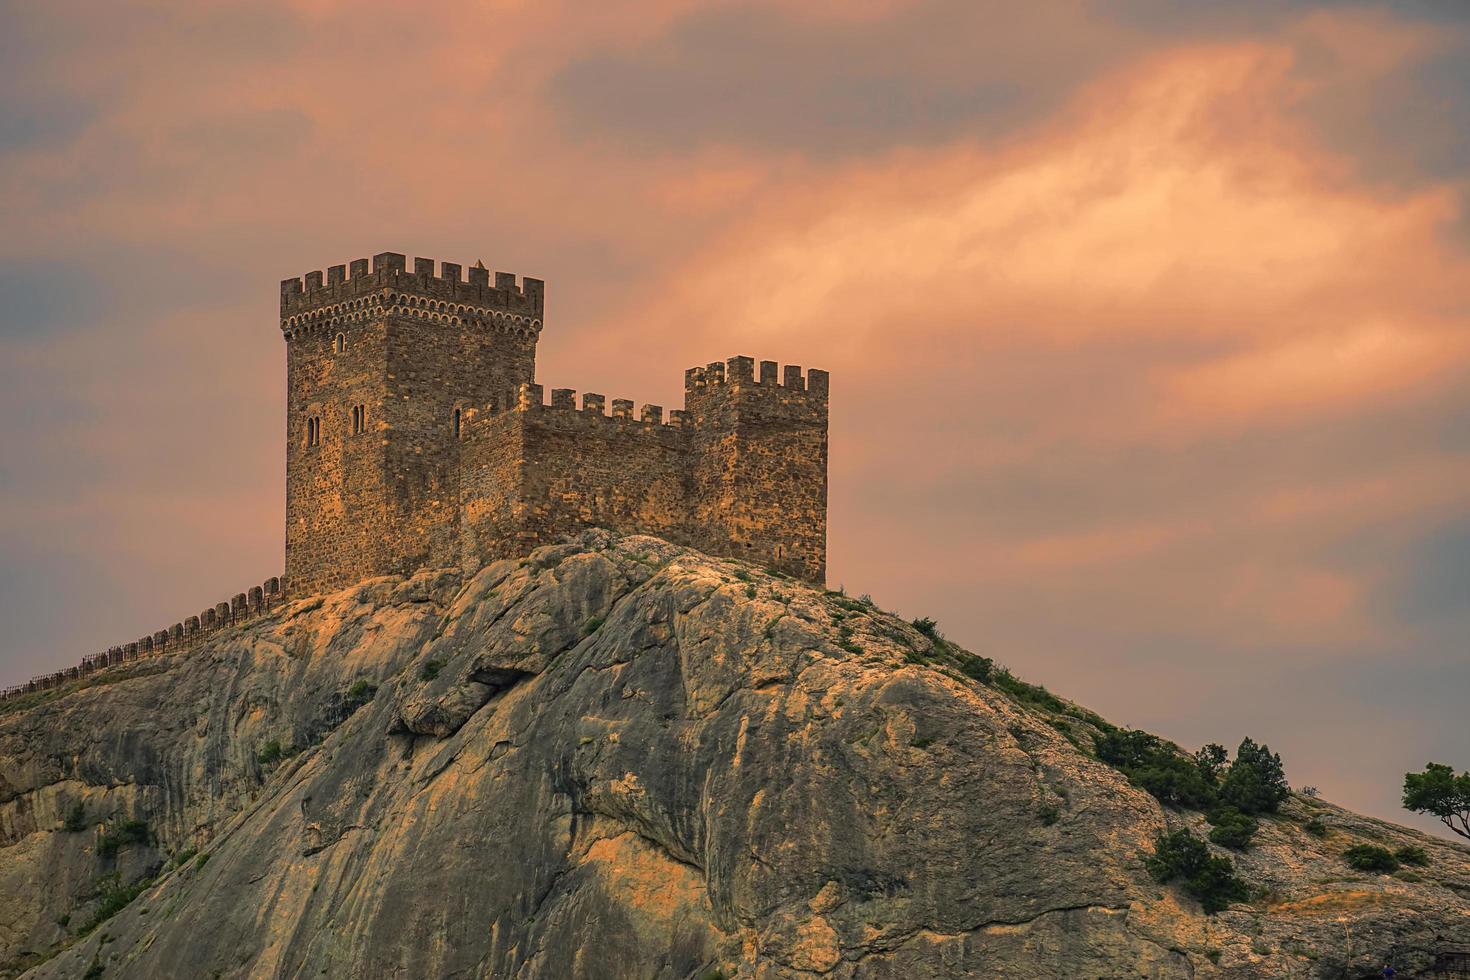 paisaje con vistas a las montañas y la fortaleza genovesa. foto